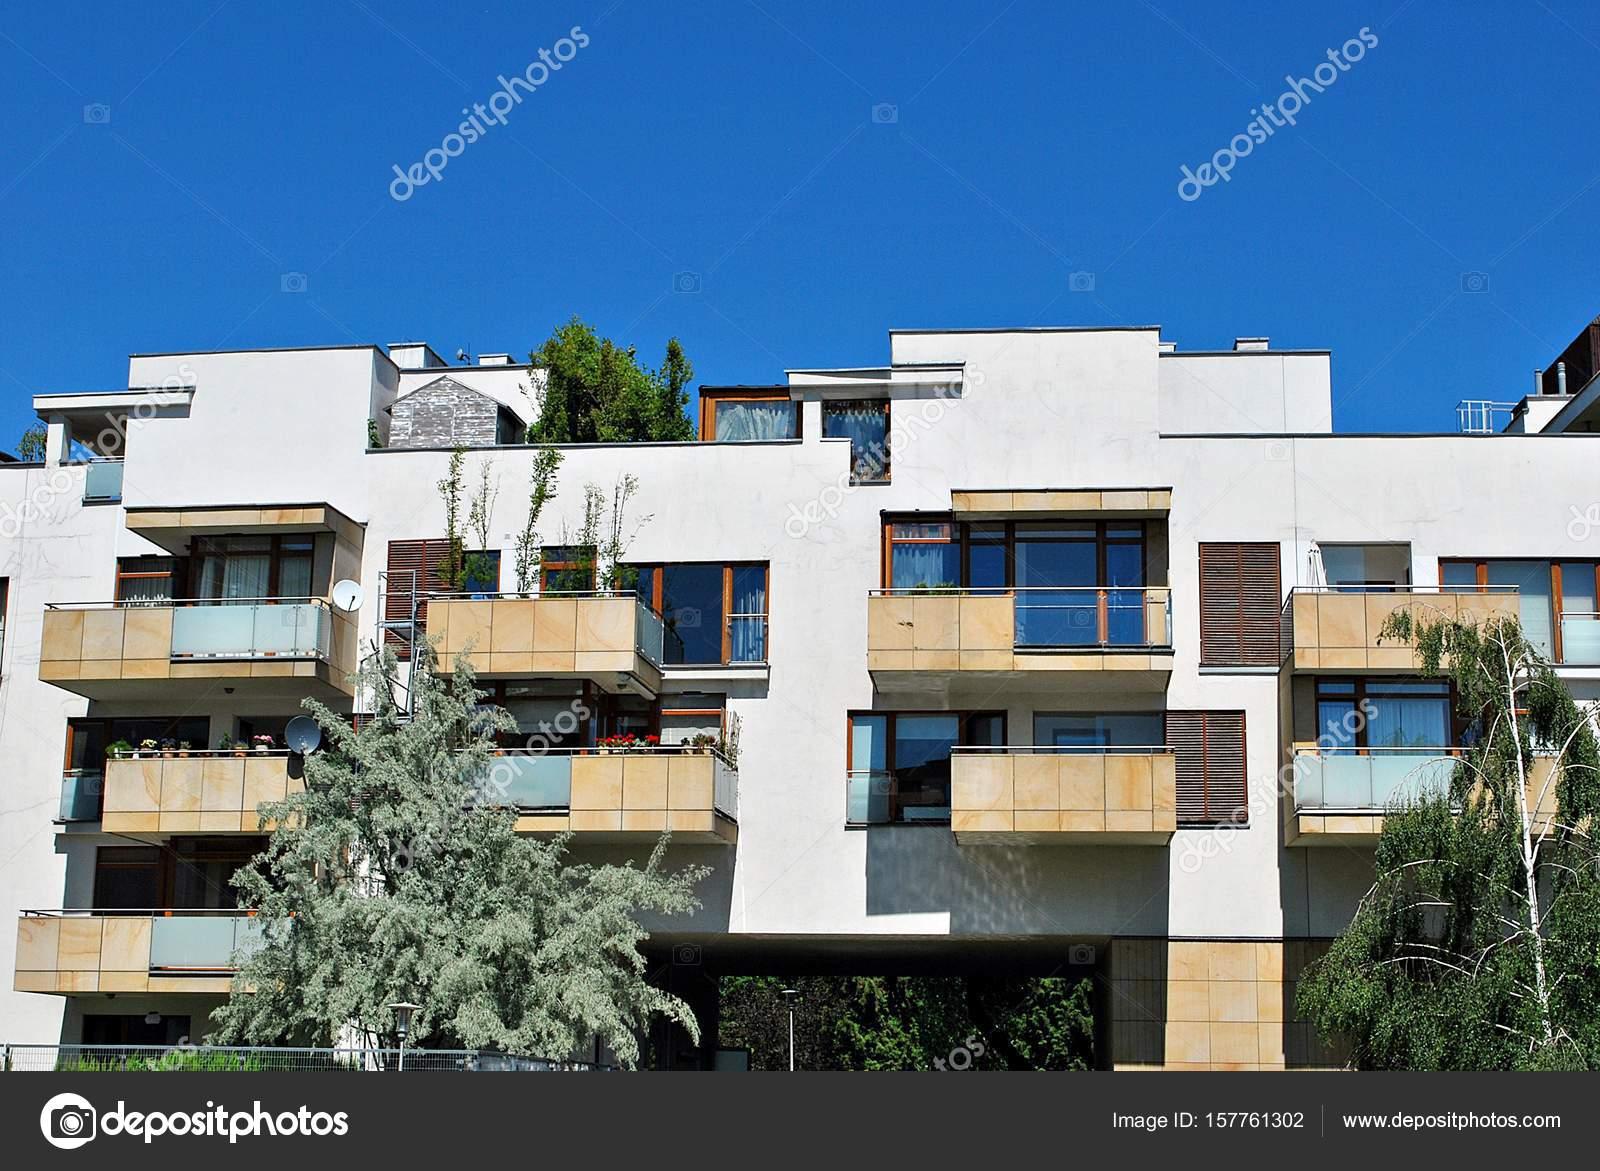 Moderne Wohnhäuser Außenbereich U2014 Stockfoto